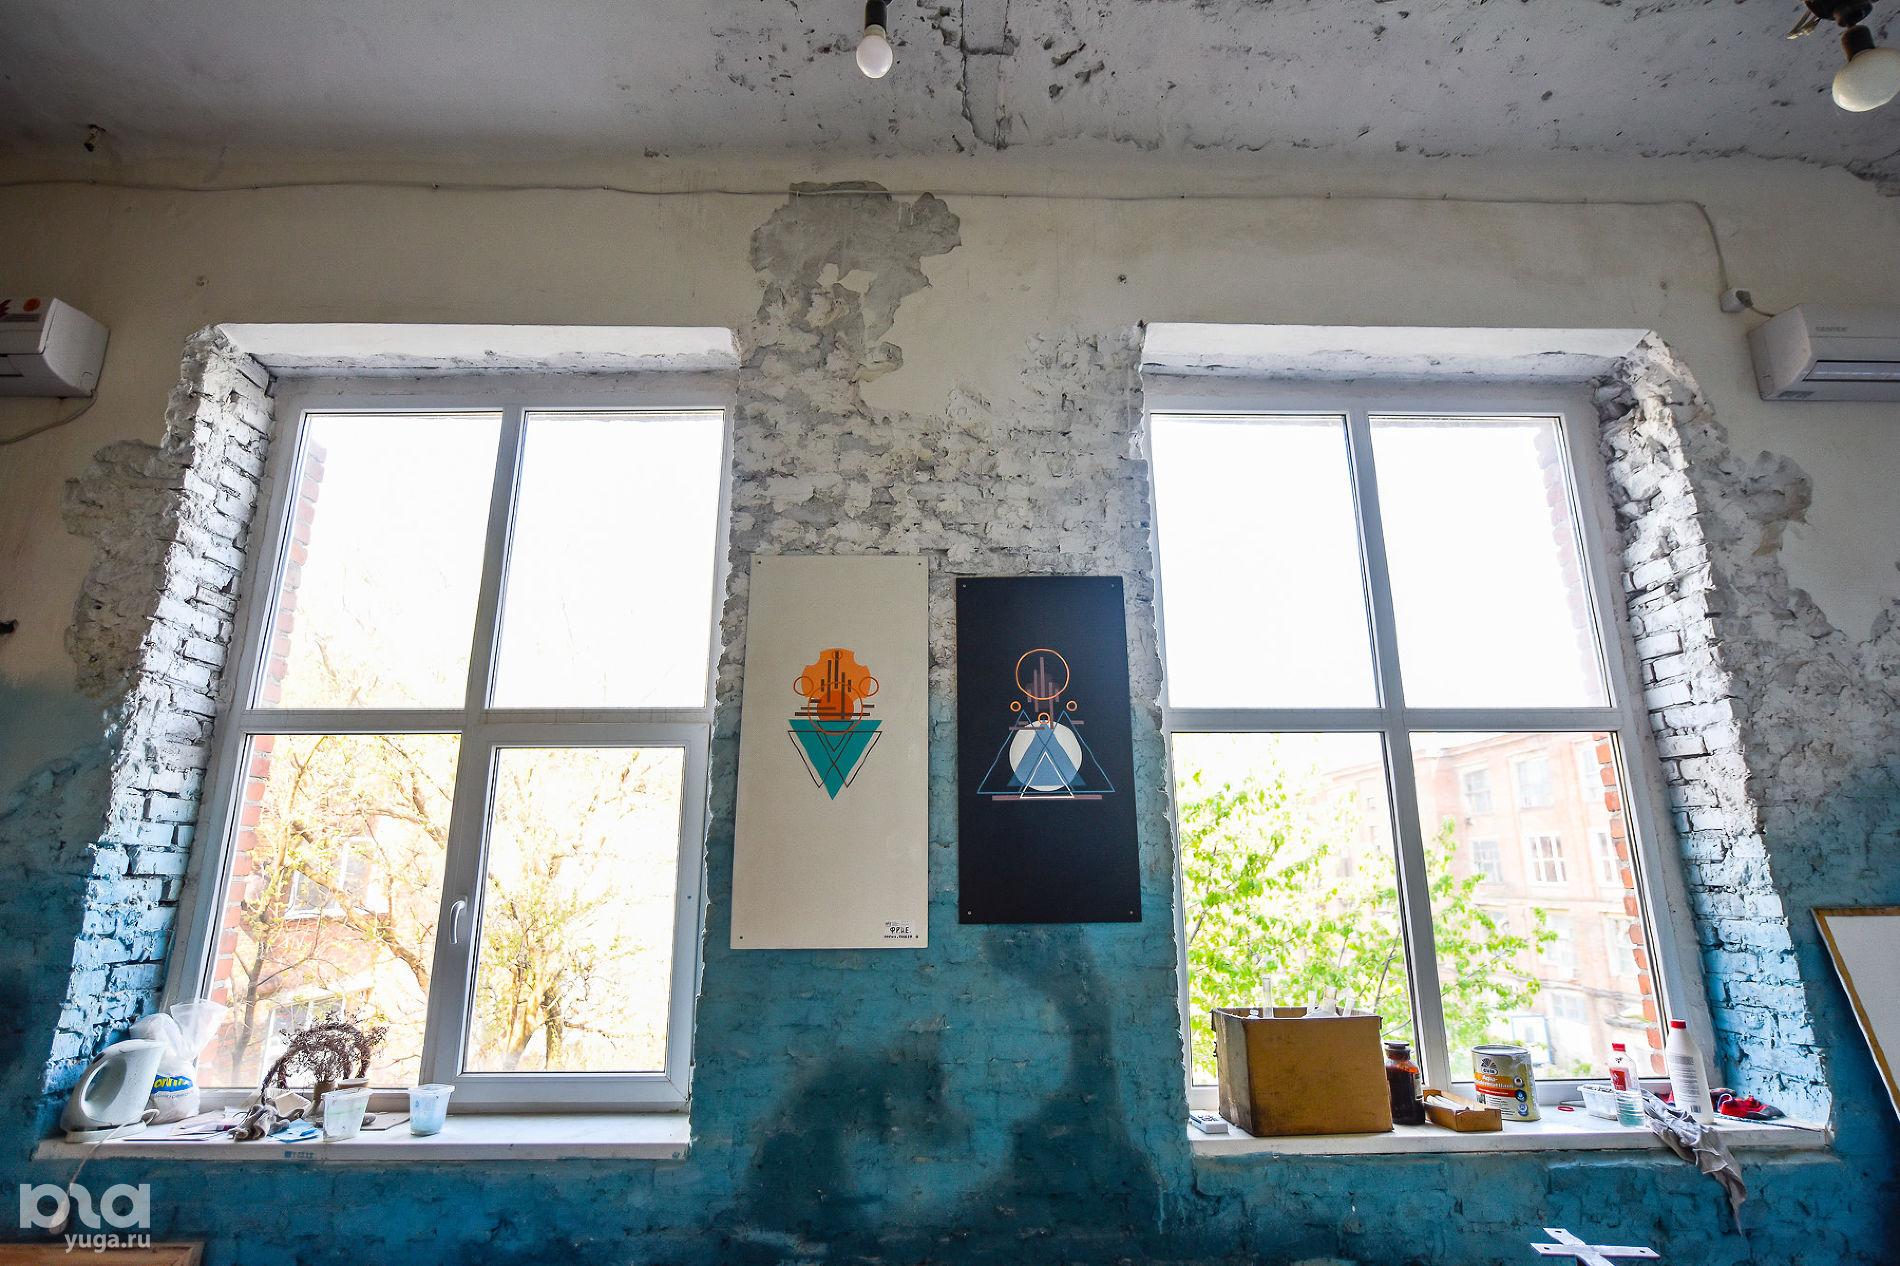 Выставка современного искусства и творчества  Art South ©Фото Елены Синеок, Юга.ру